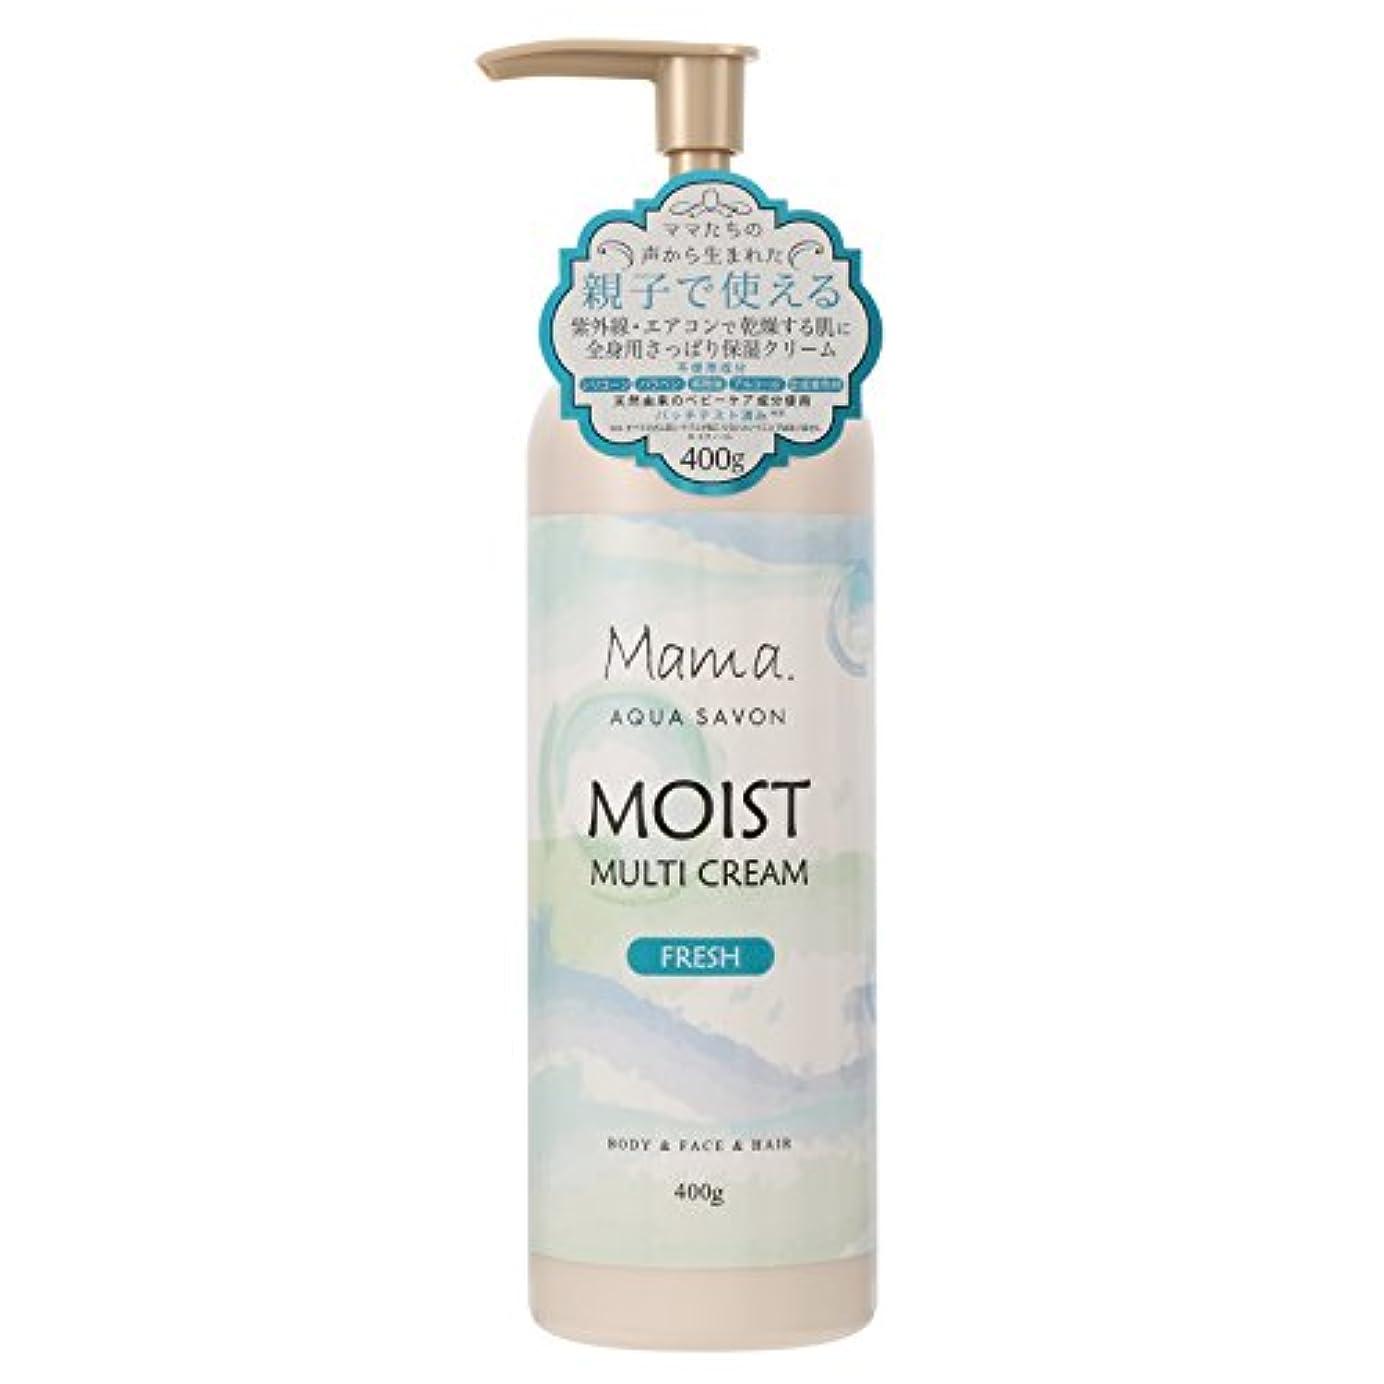 要求する環境保護主義者胸ママアクアシャボン モイストマルチクリーム フレッシュ グリーンアロマウォーターの香り 400g